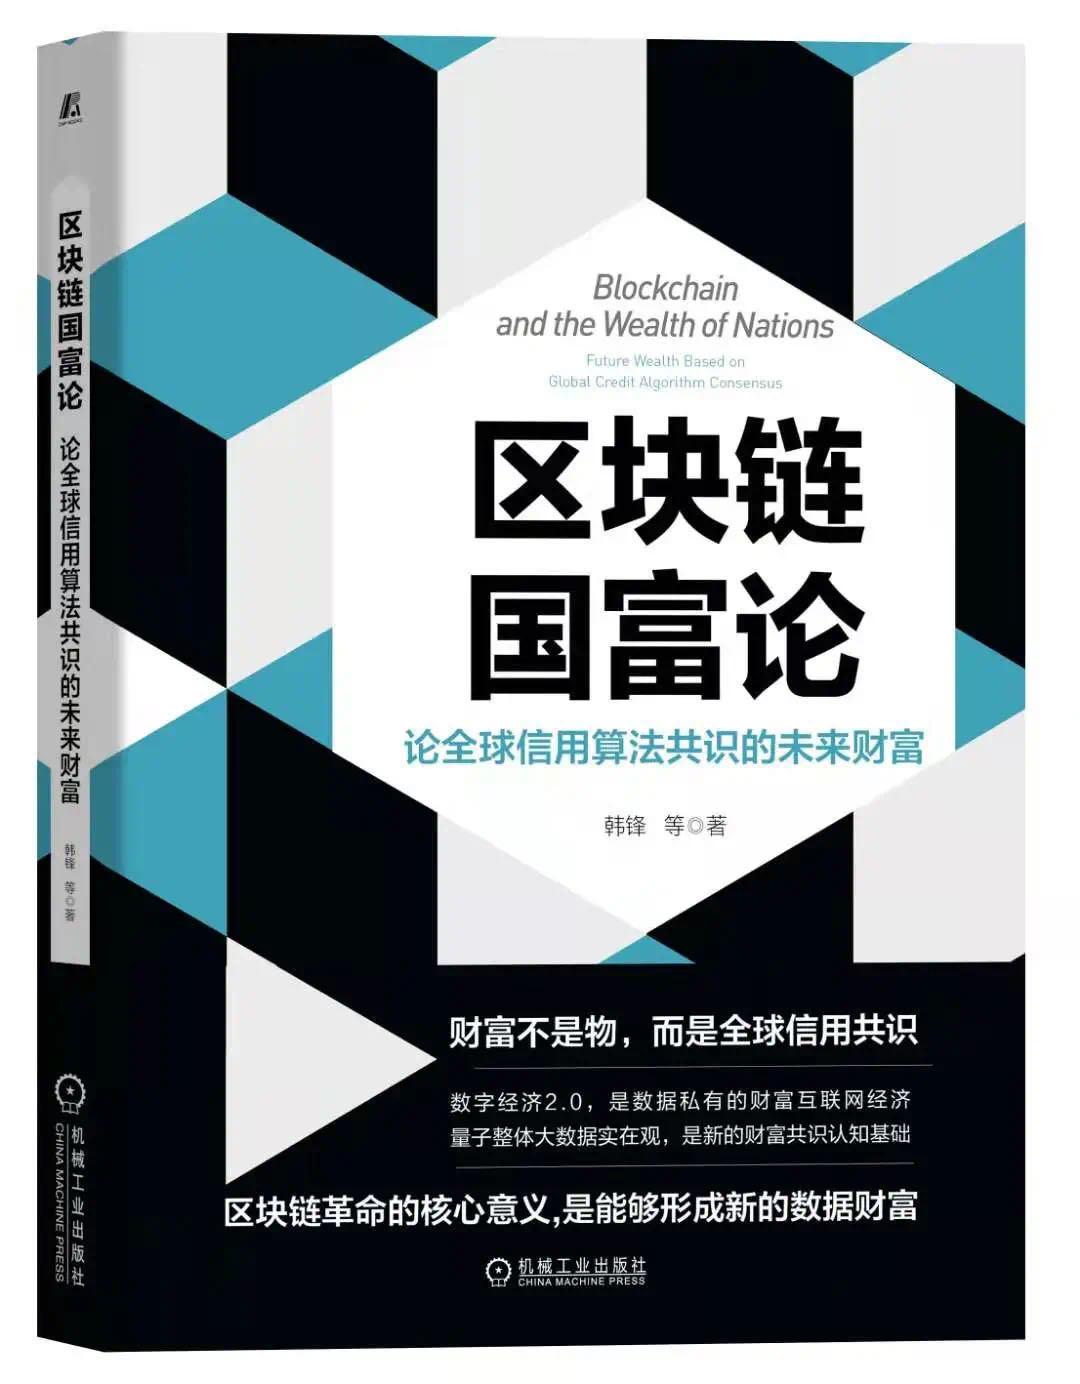 经济日报集团财经部黄芳芳主任点评《区块链国富论》